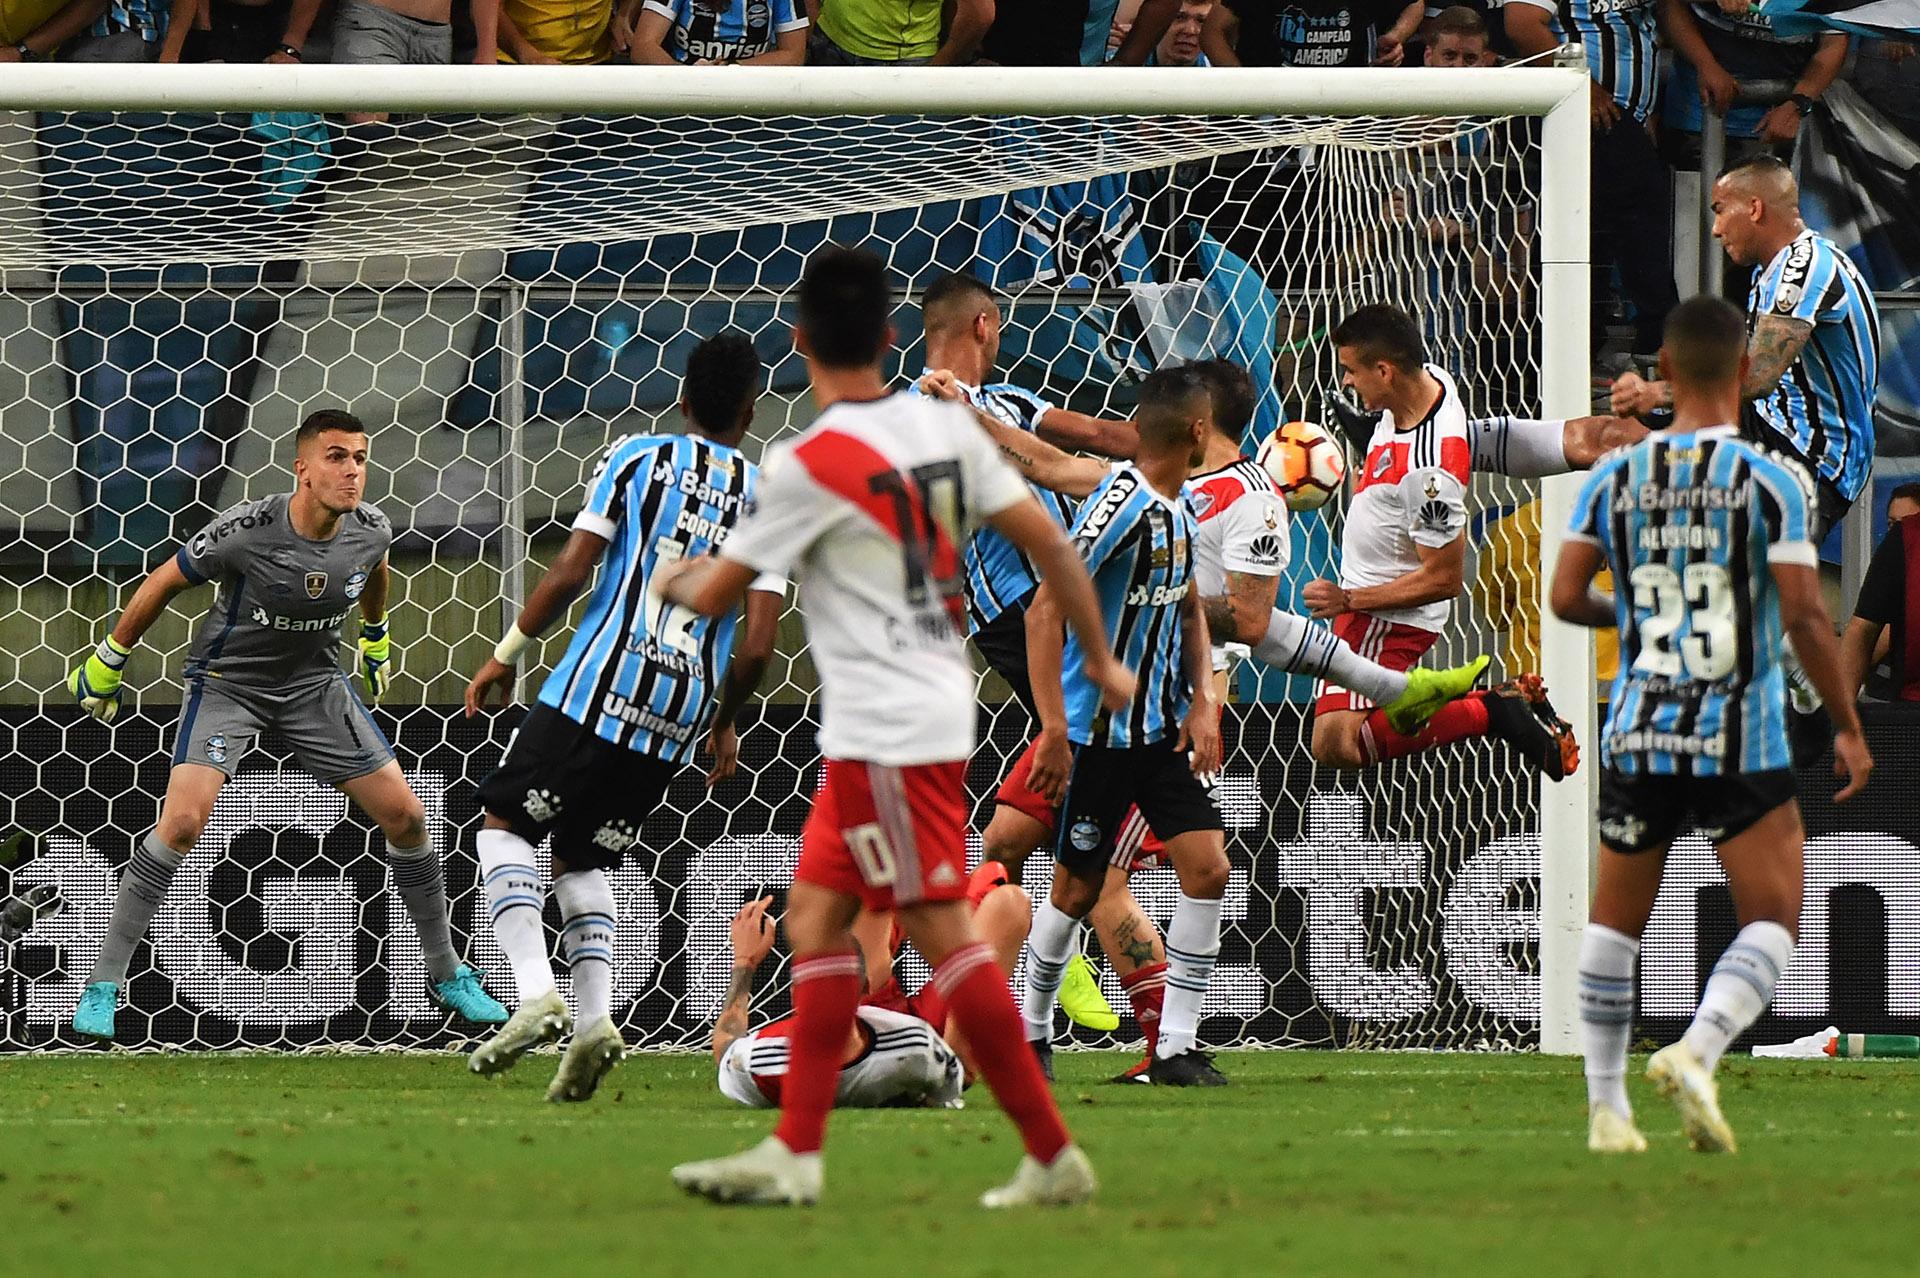 El momento previo al impacto de Rafael Santos Borré que determinó el empate de River ante Gremio en Porto Alegre(AFP)